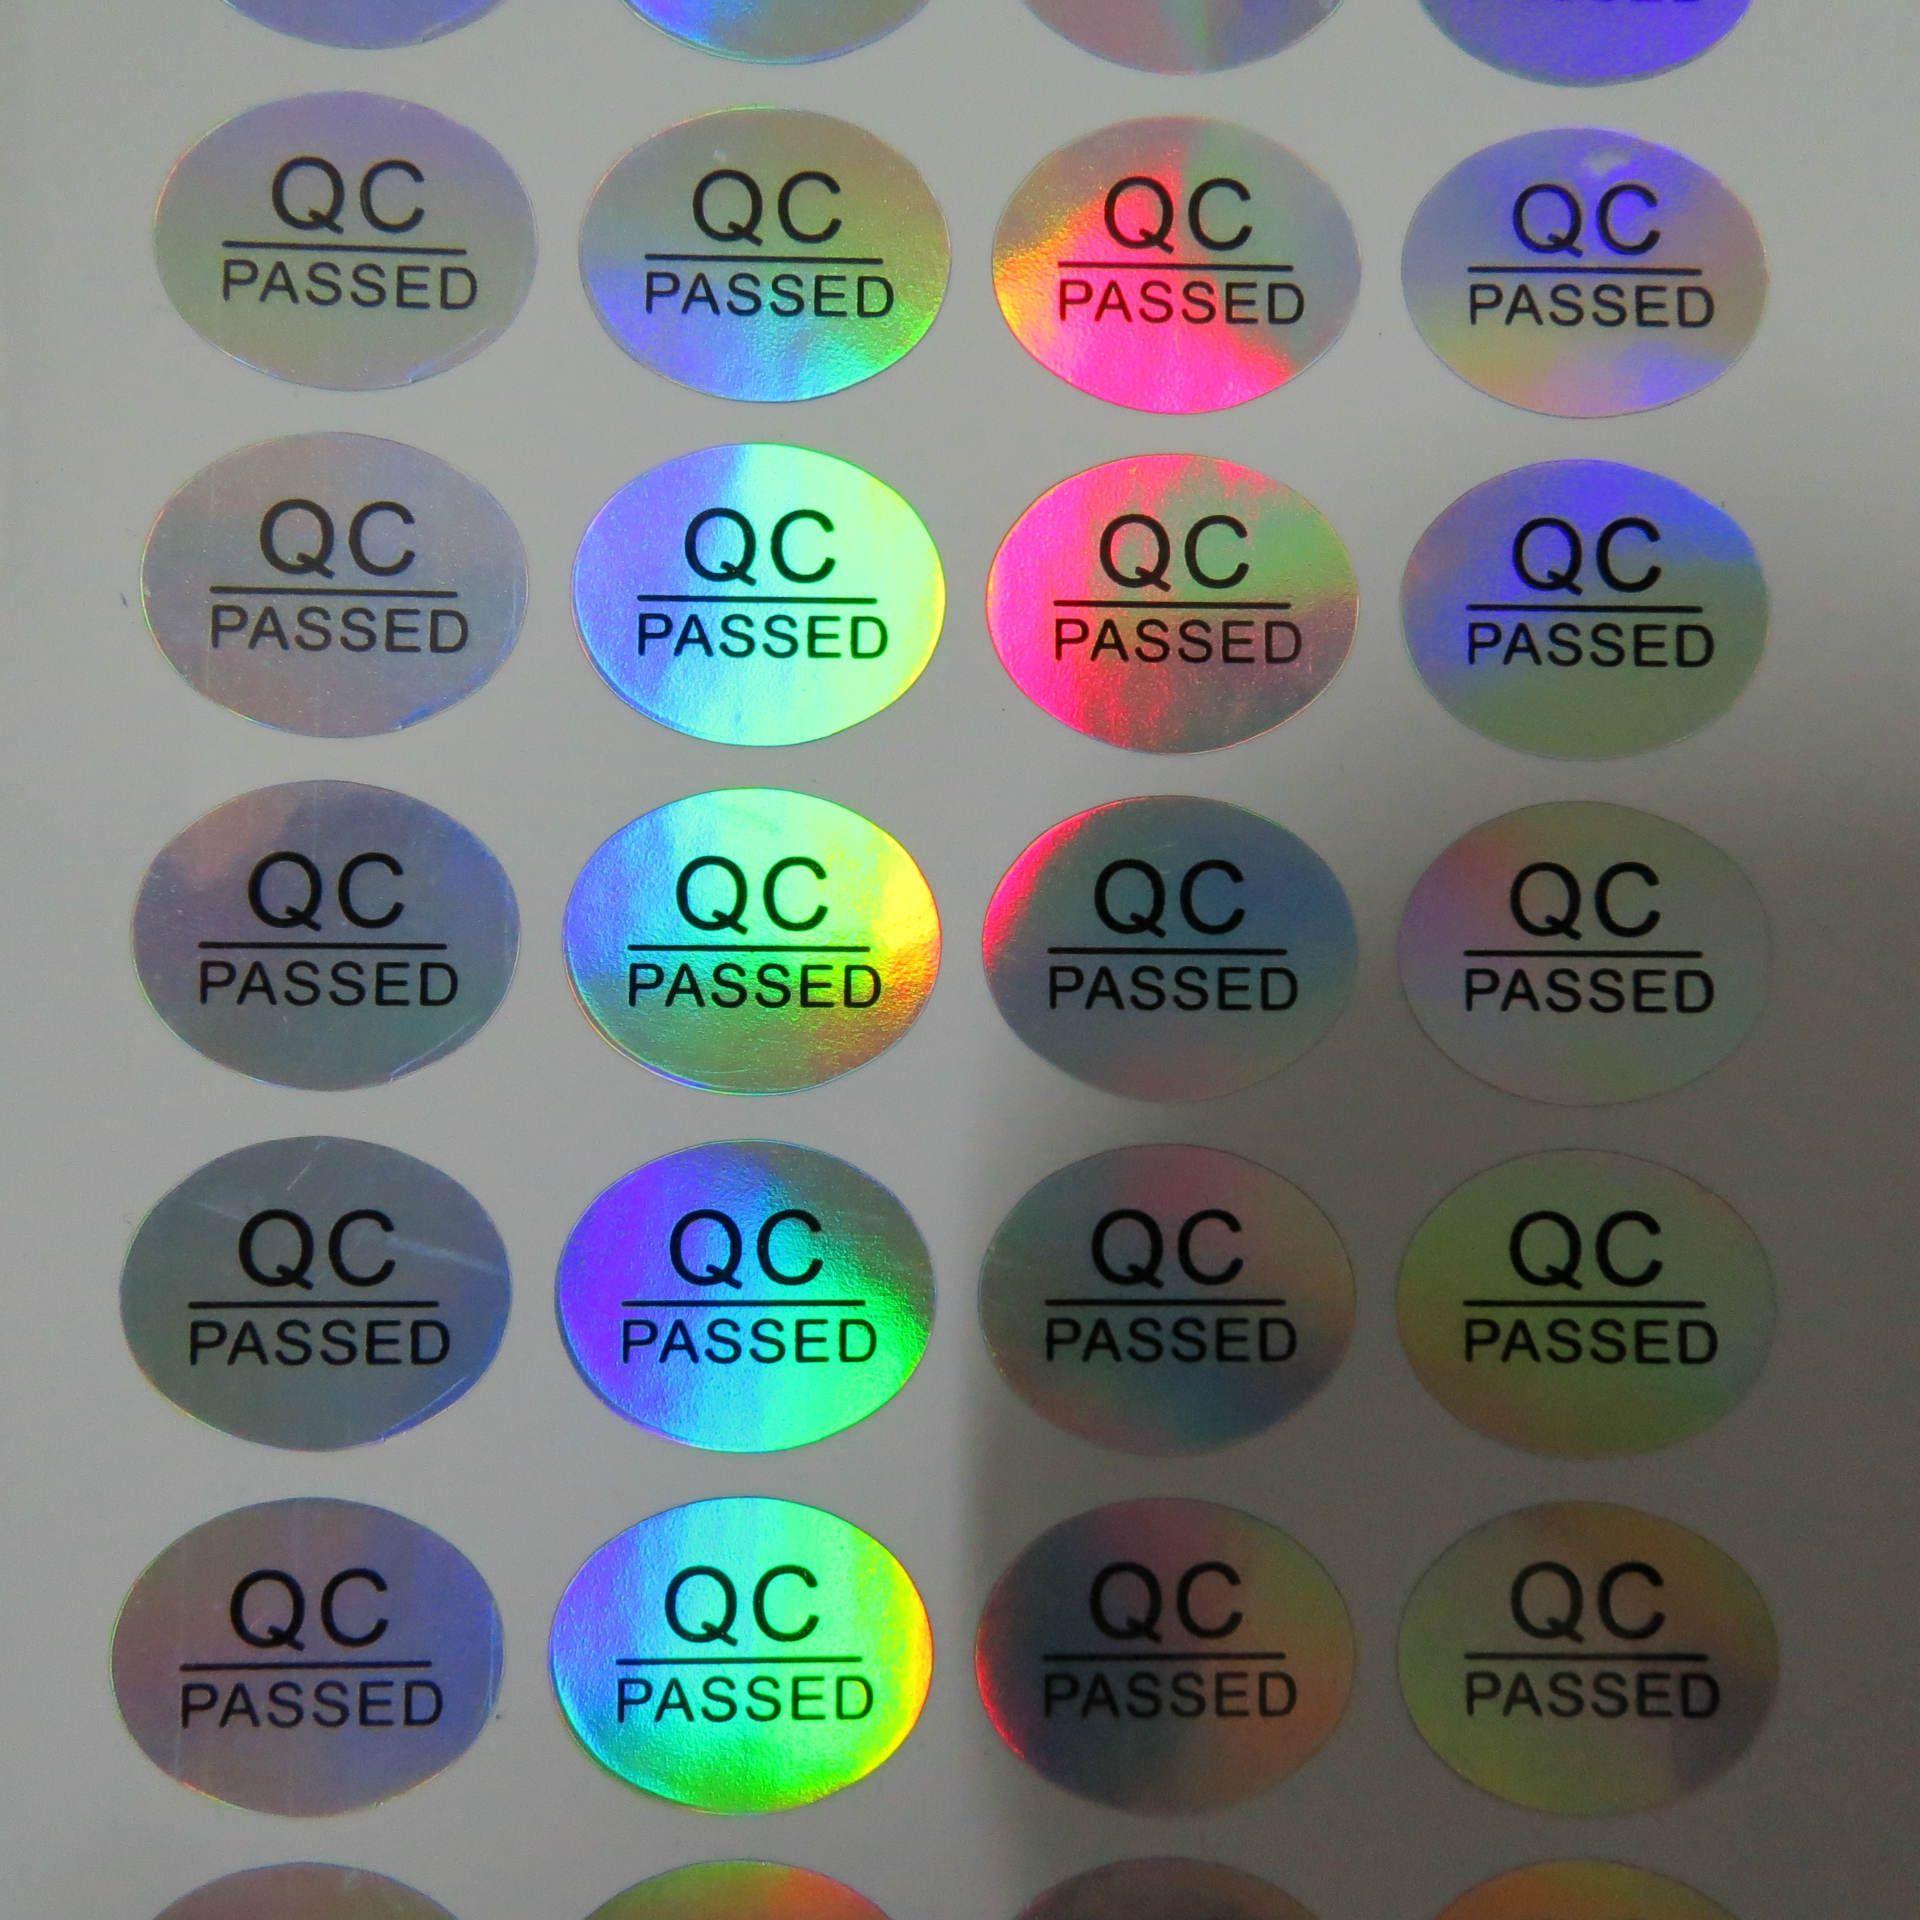 16 * 13mm adhésif permanent rond QC poncturé joint de bouteille anti-faux hologramme autocollant auto-adhésif étiquette 900pcs ovale holographique label coloré